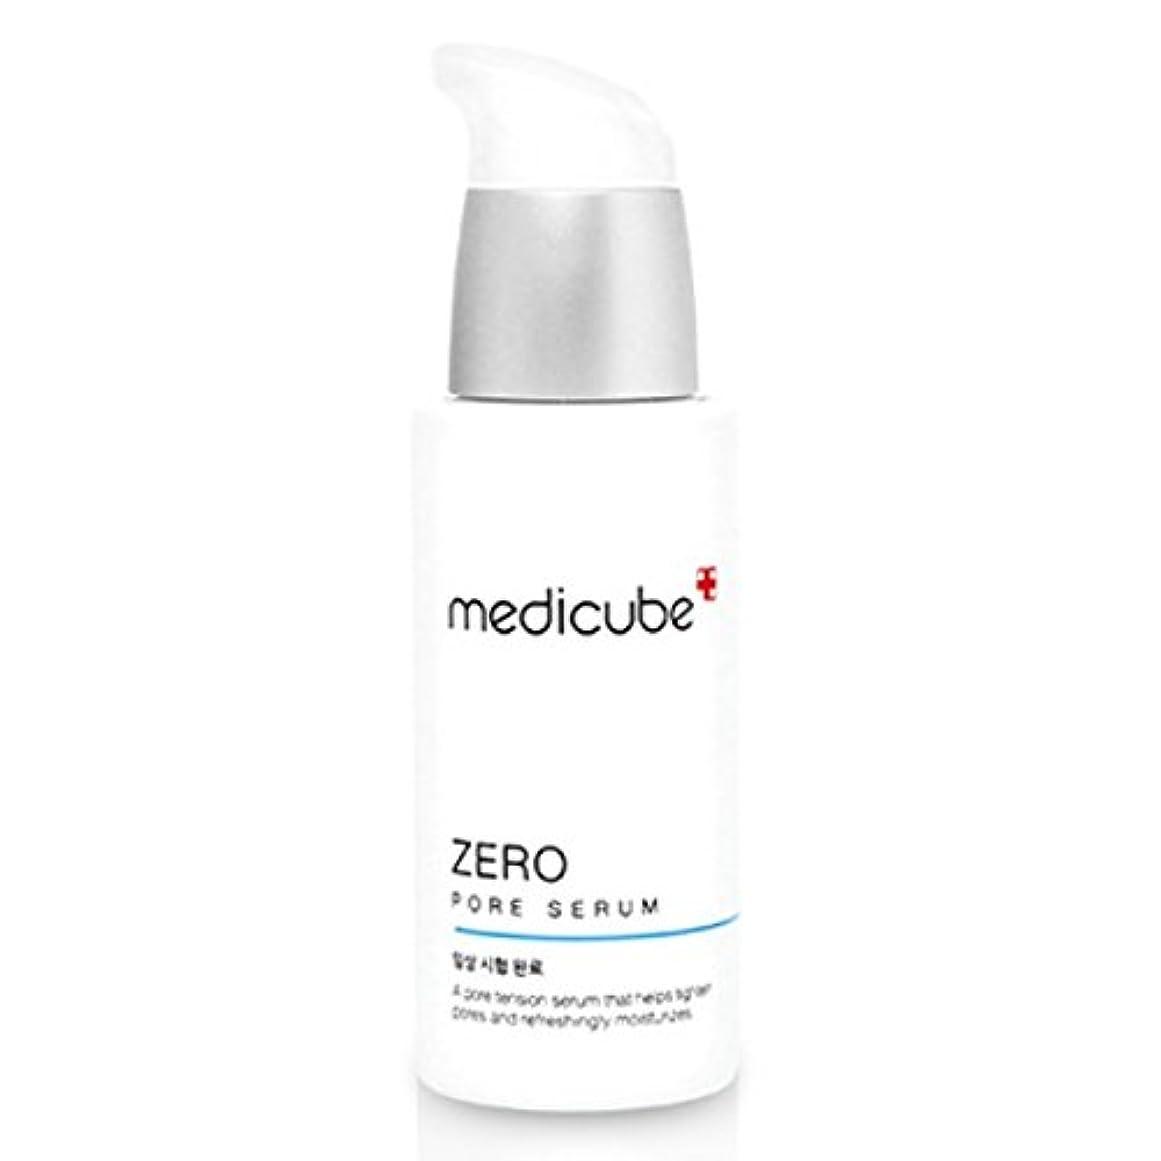 示す痛い固める[Medicube メディキューブ] ゼロポアセラム 27ml / Zero Pore Serum 27ml [並行輸入品]